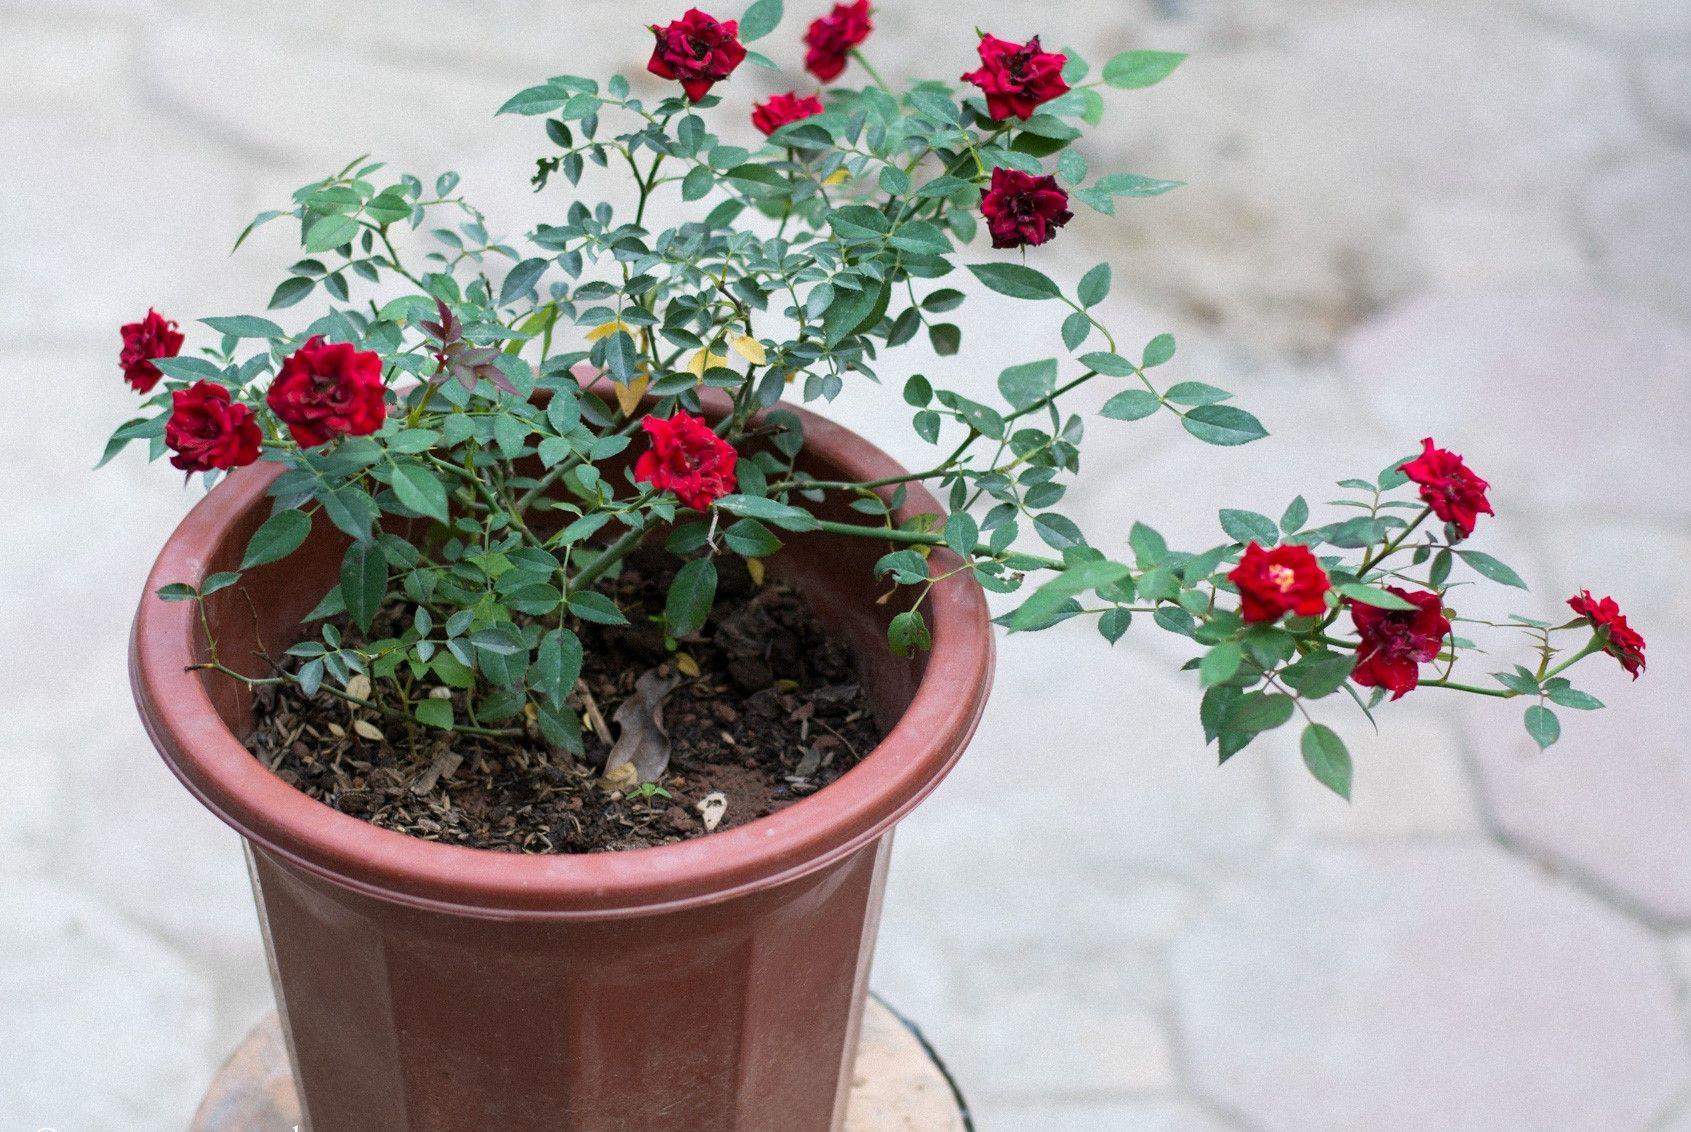 Cách sử dụng phân bón cho hoa hồng trưởng thành